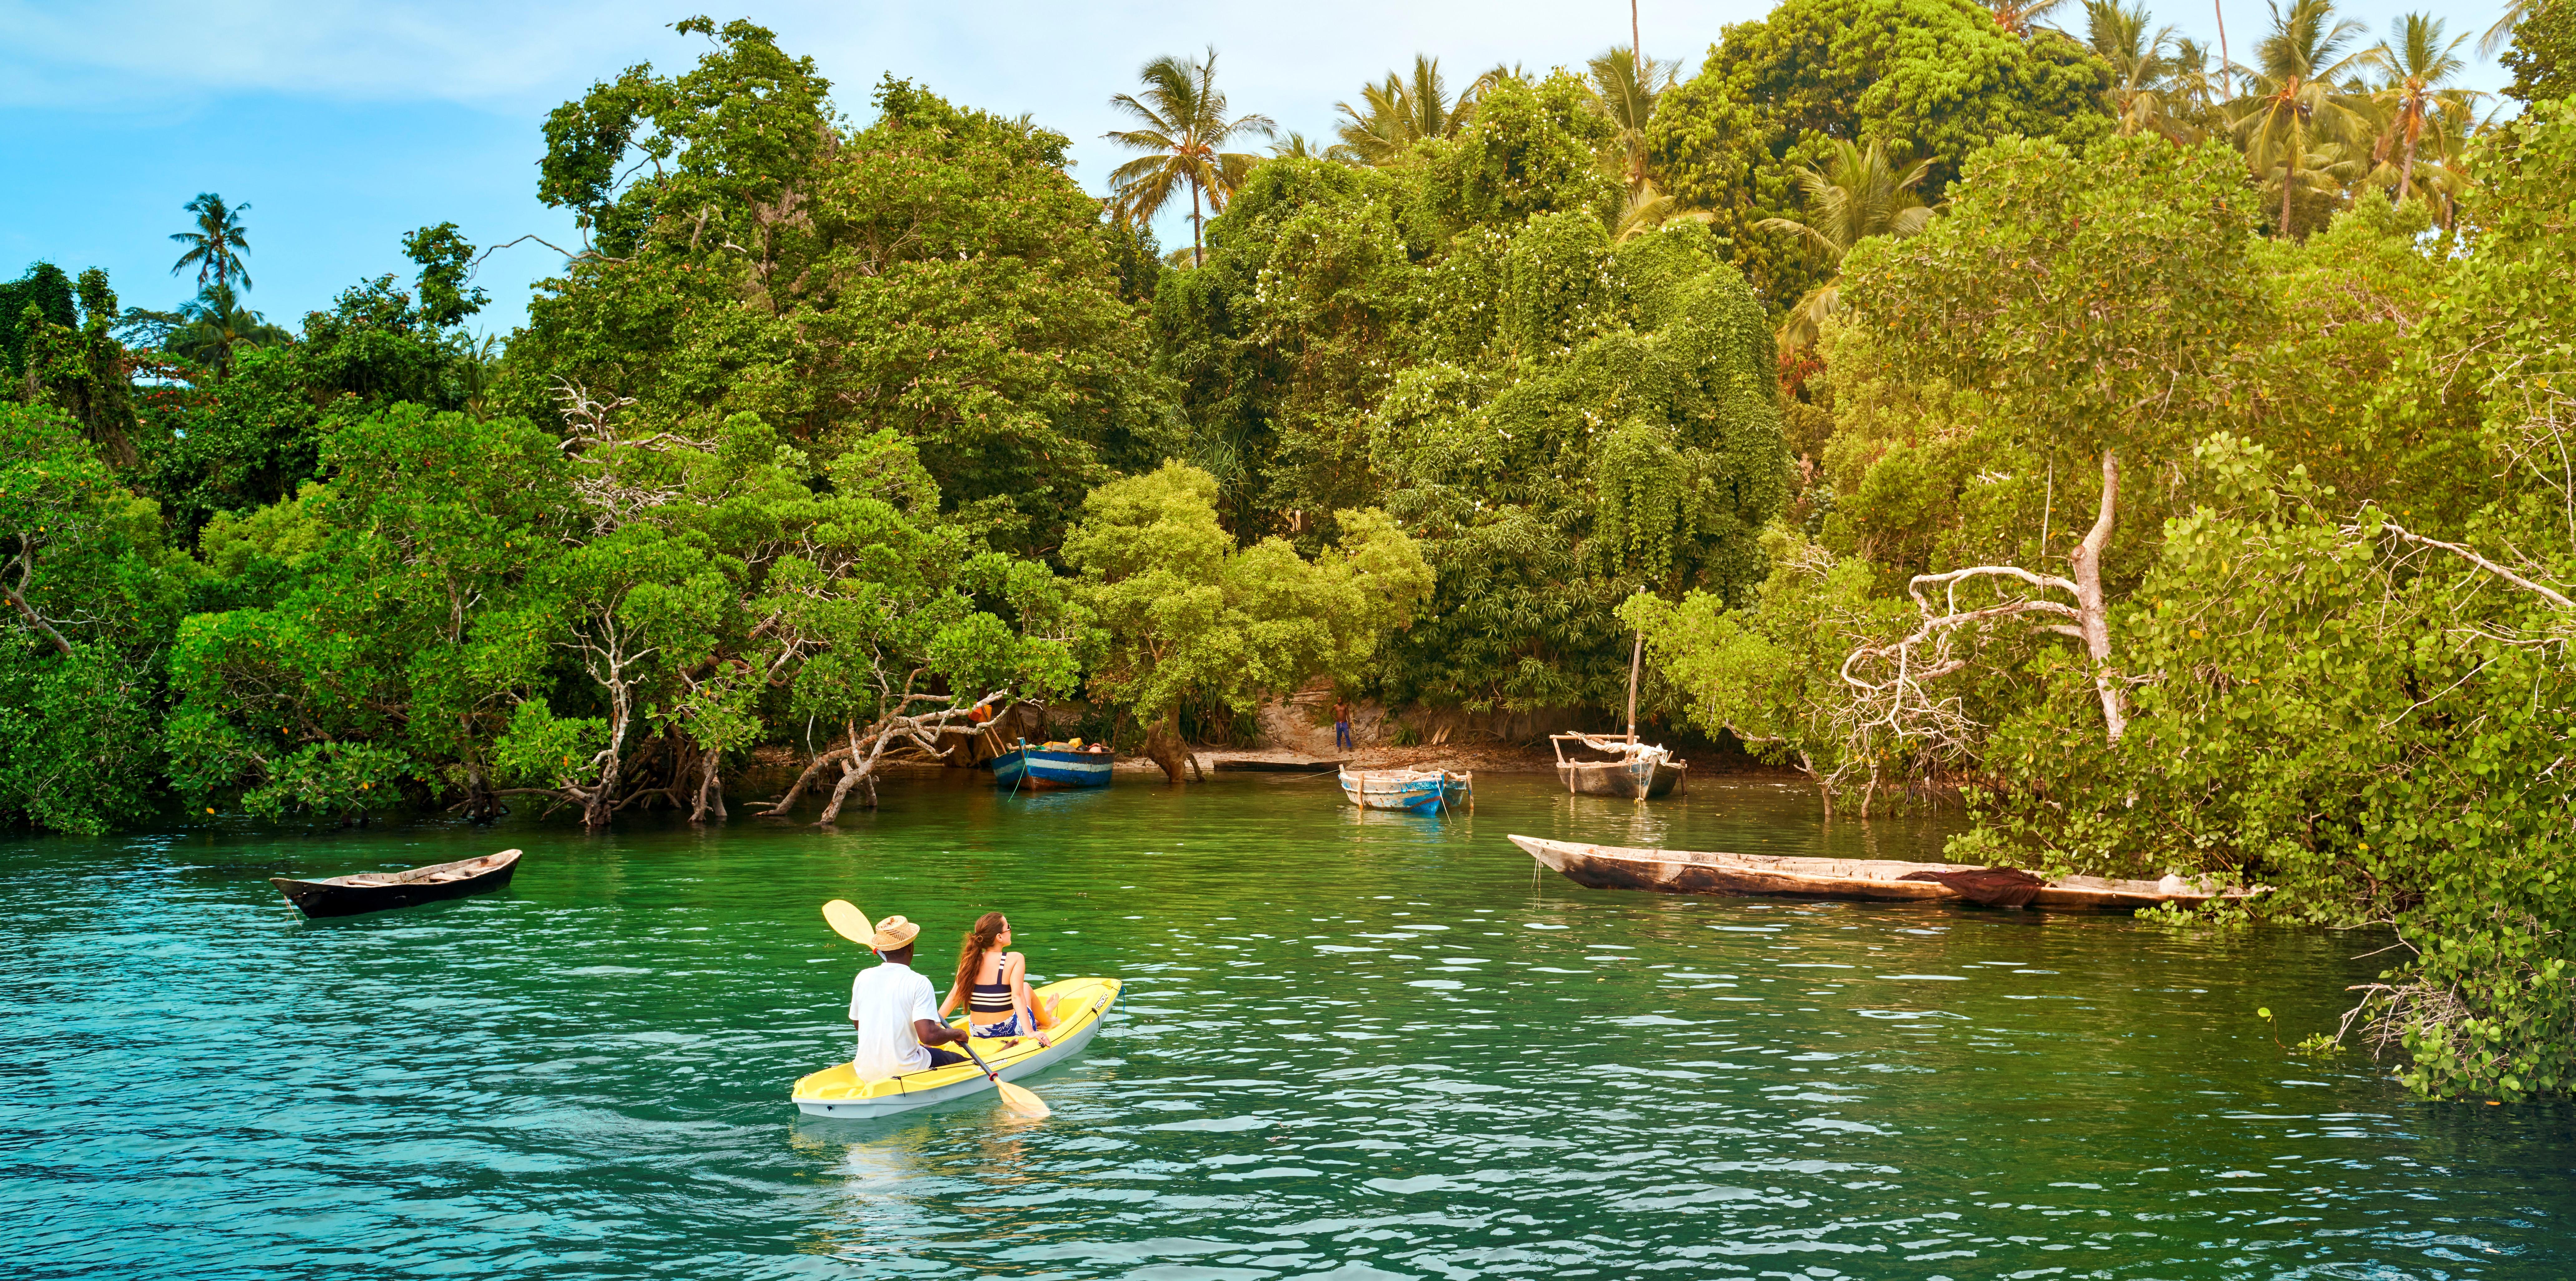 Constance-Aiyana-Pemba-kayaking